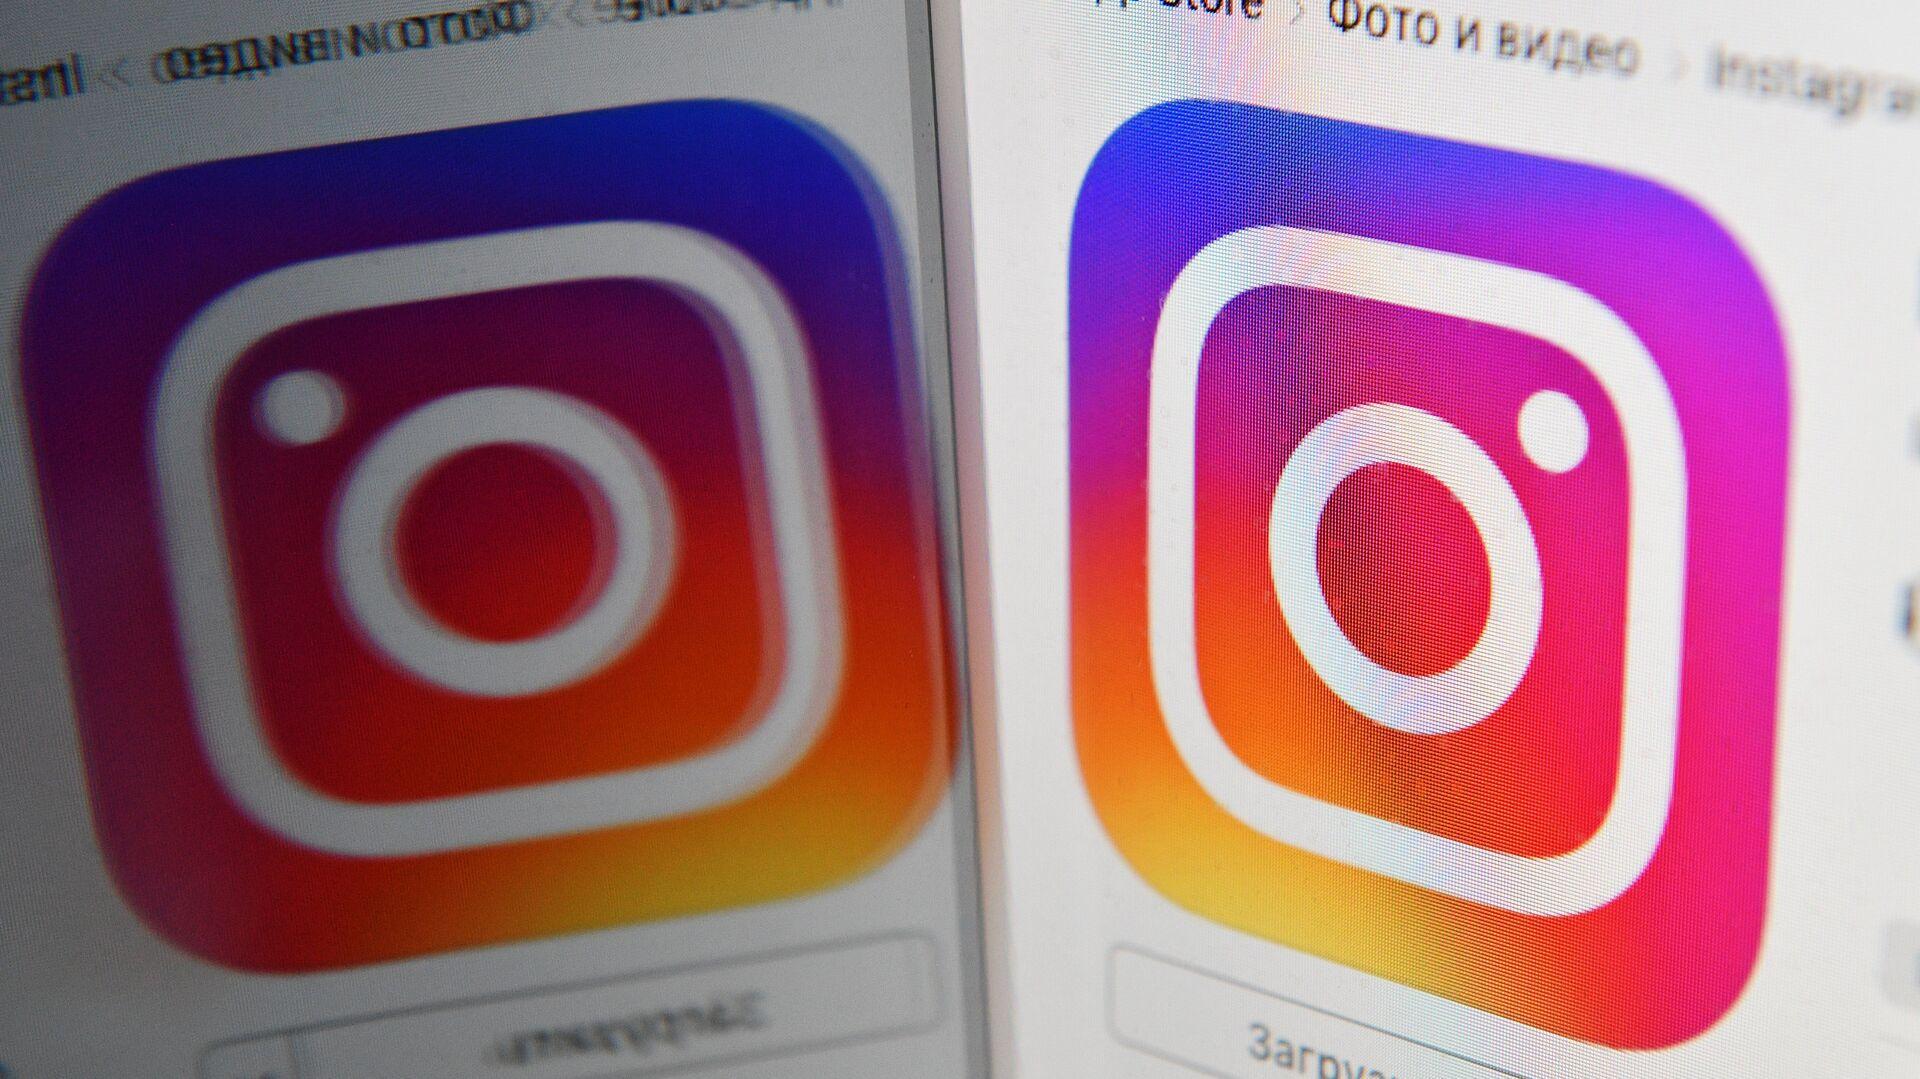 Социальная сеть Instagram - РИА Новости, 1920, 25.09.2020